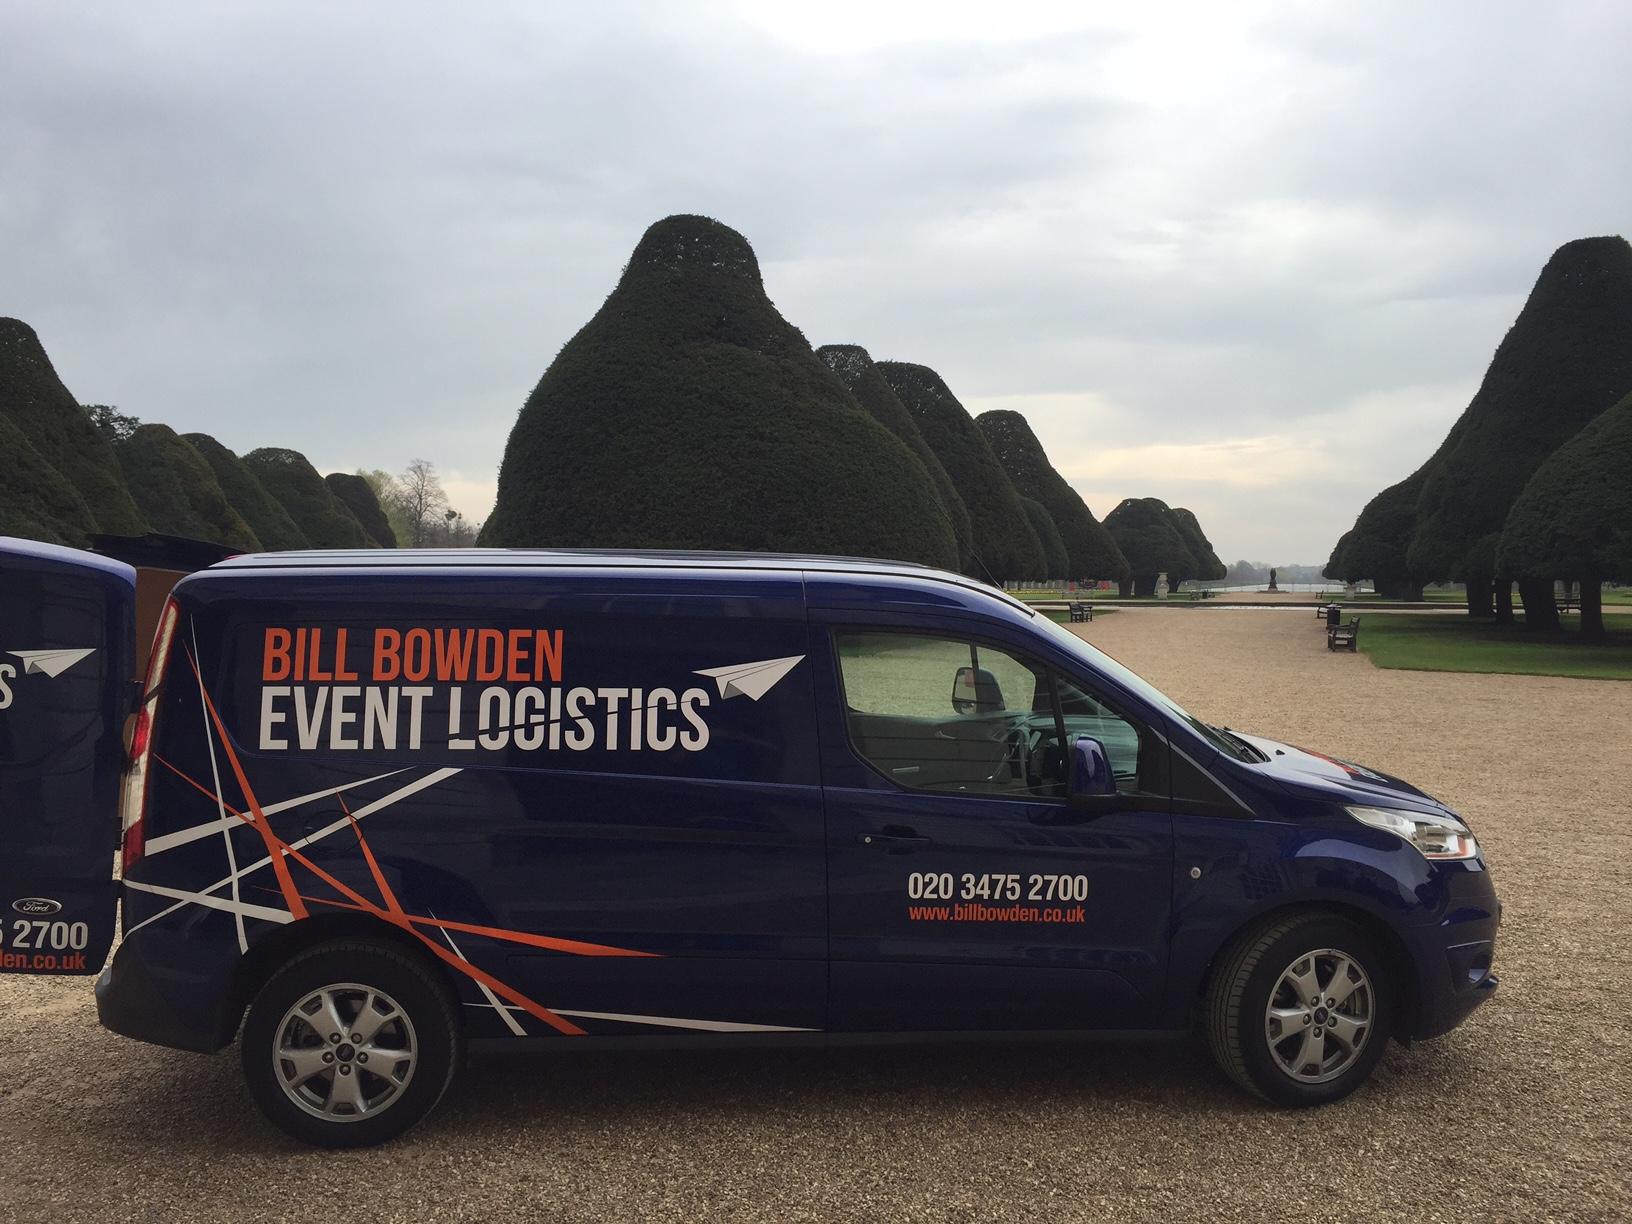 Bill Bowden Event Logistics van at Hampton Court